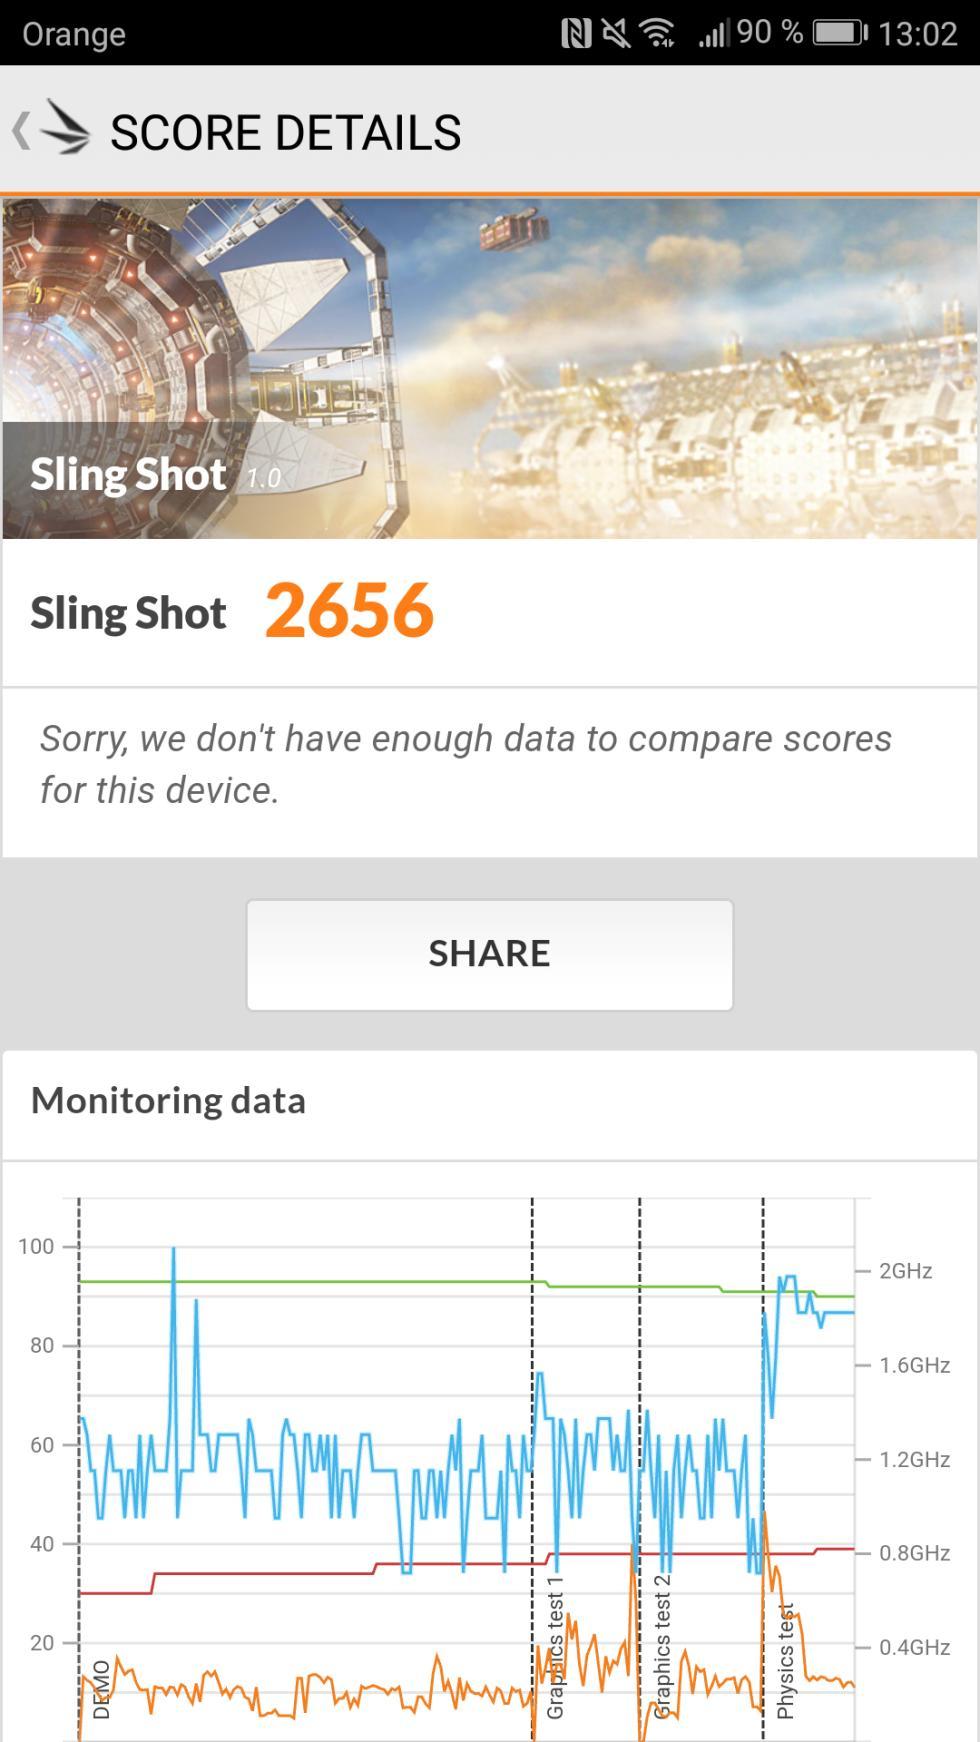 La puntuación en la prueba de Sling Shot 1.0 de 3DMark es de 2.656 puntos